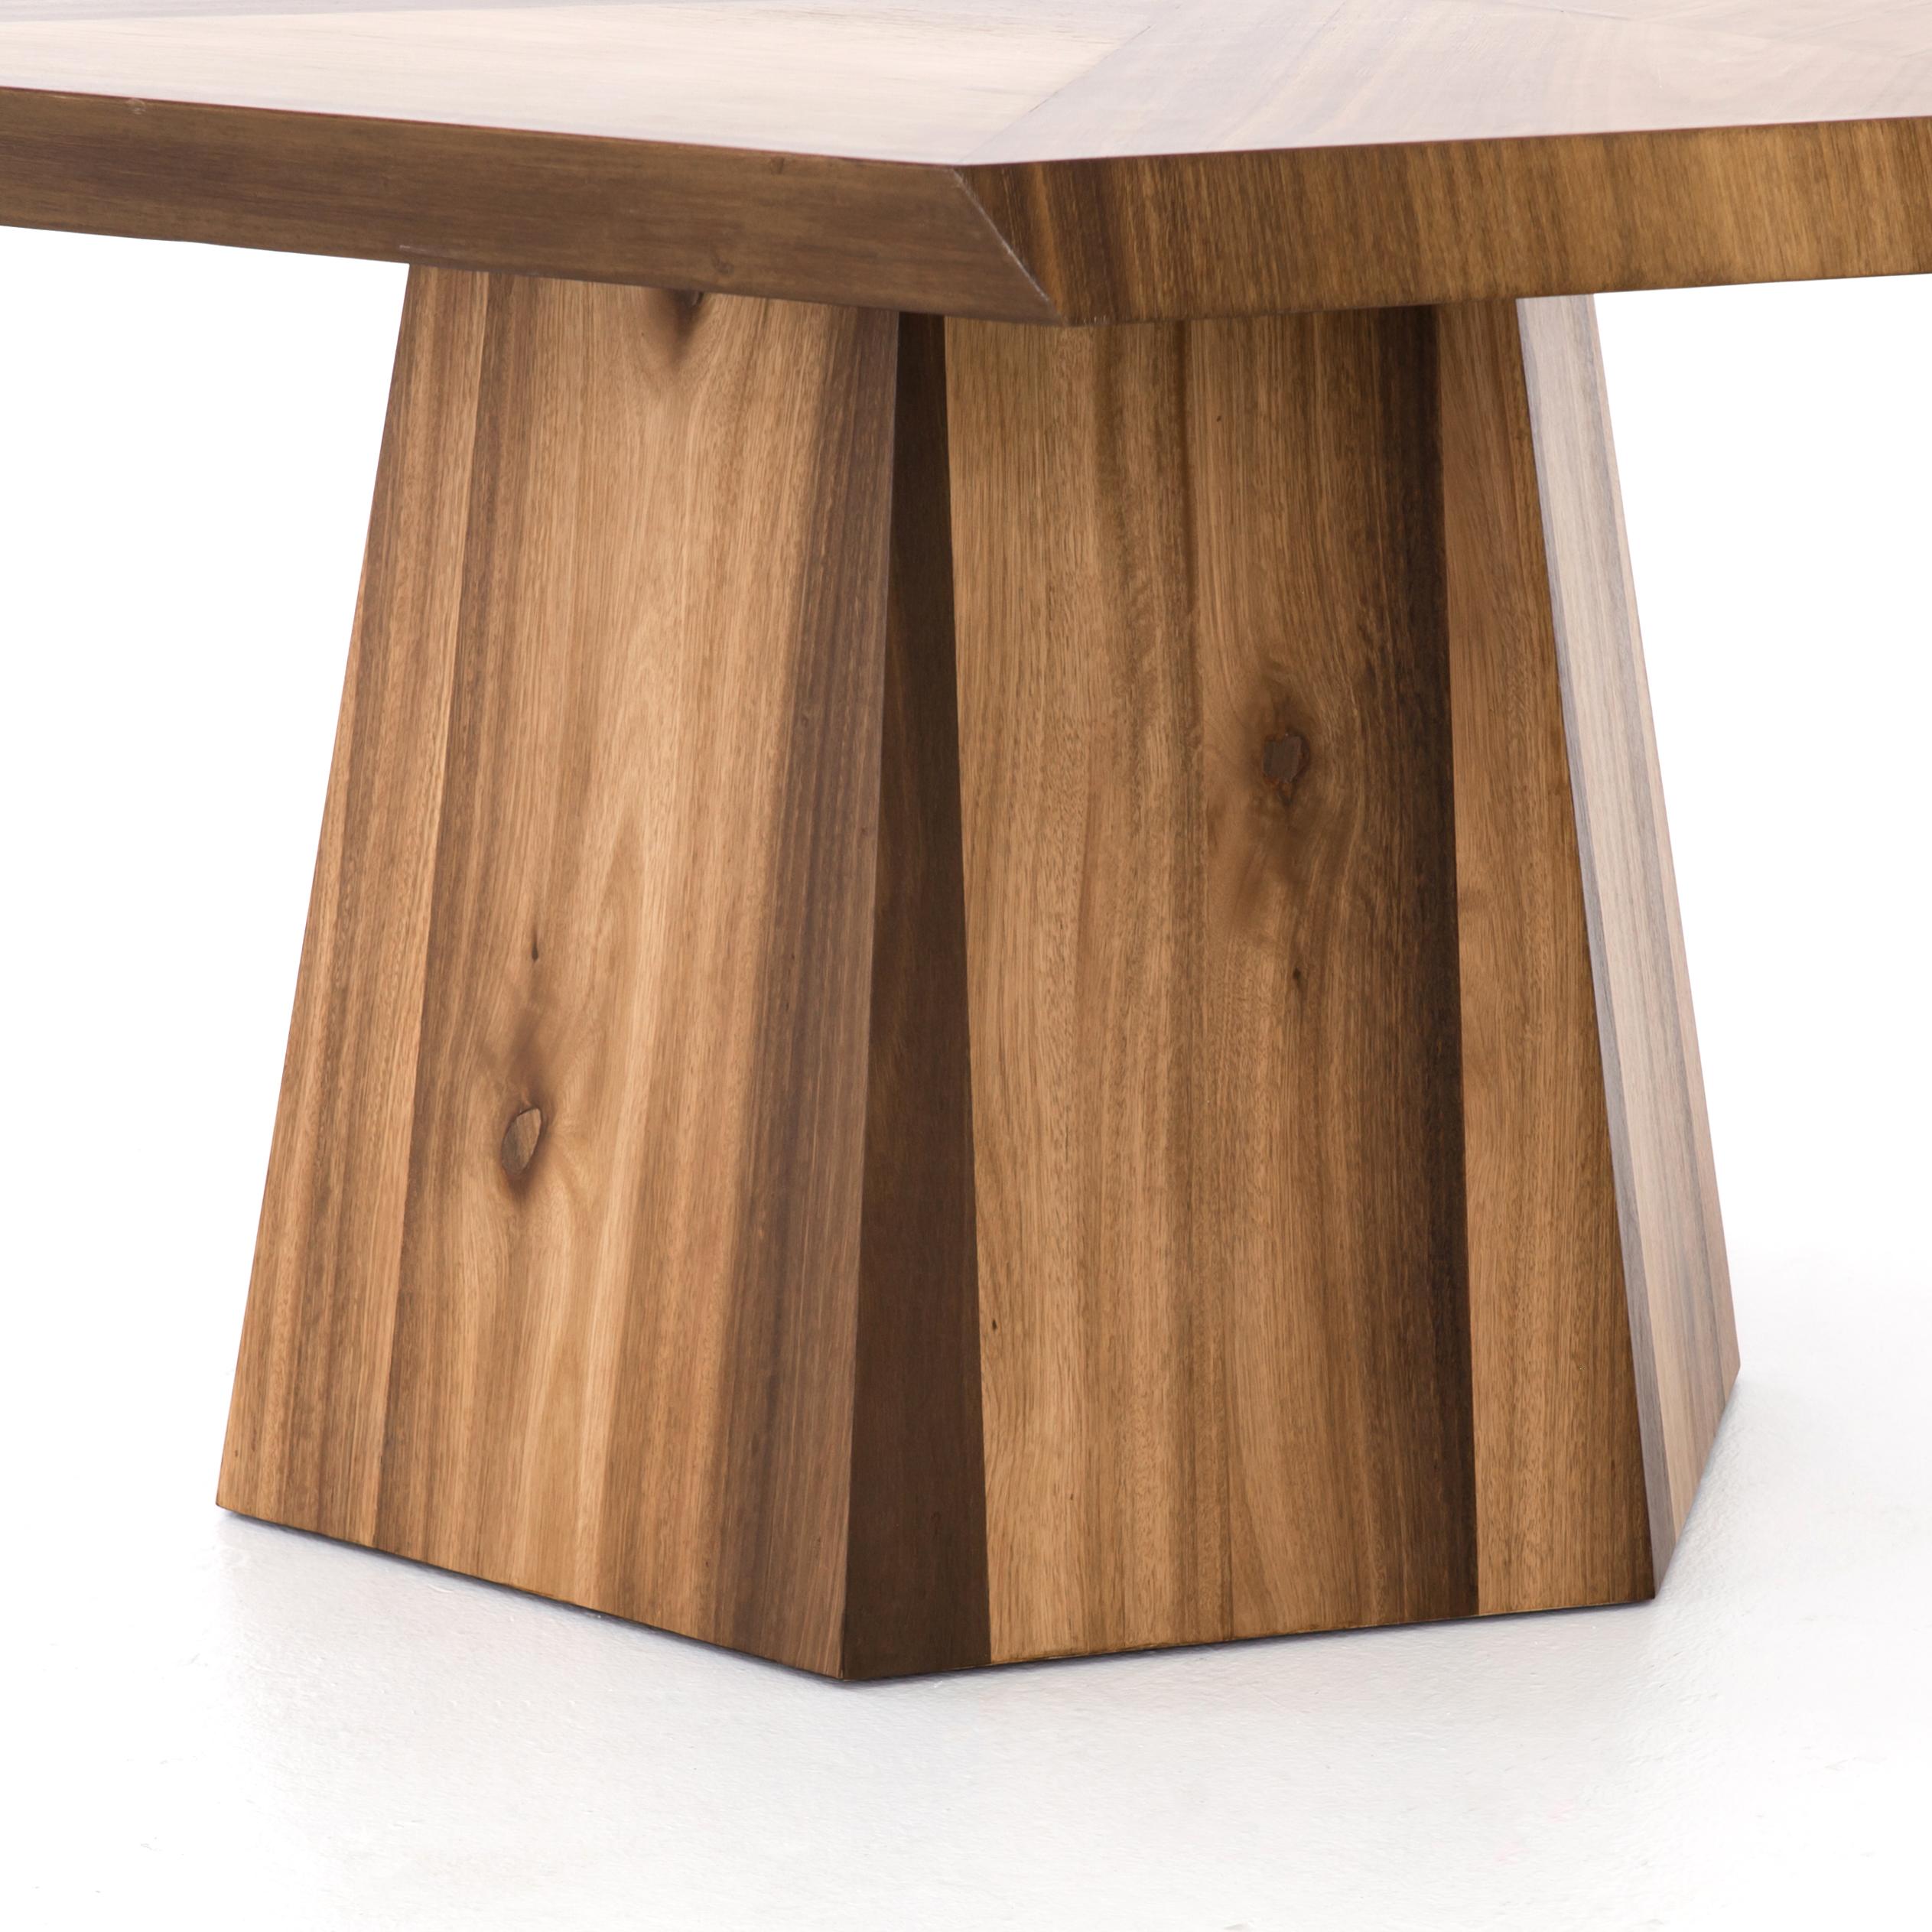 Herschel Dining Table, Blonde